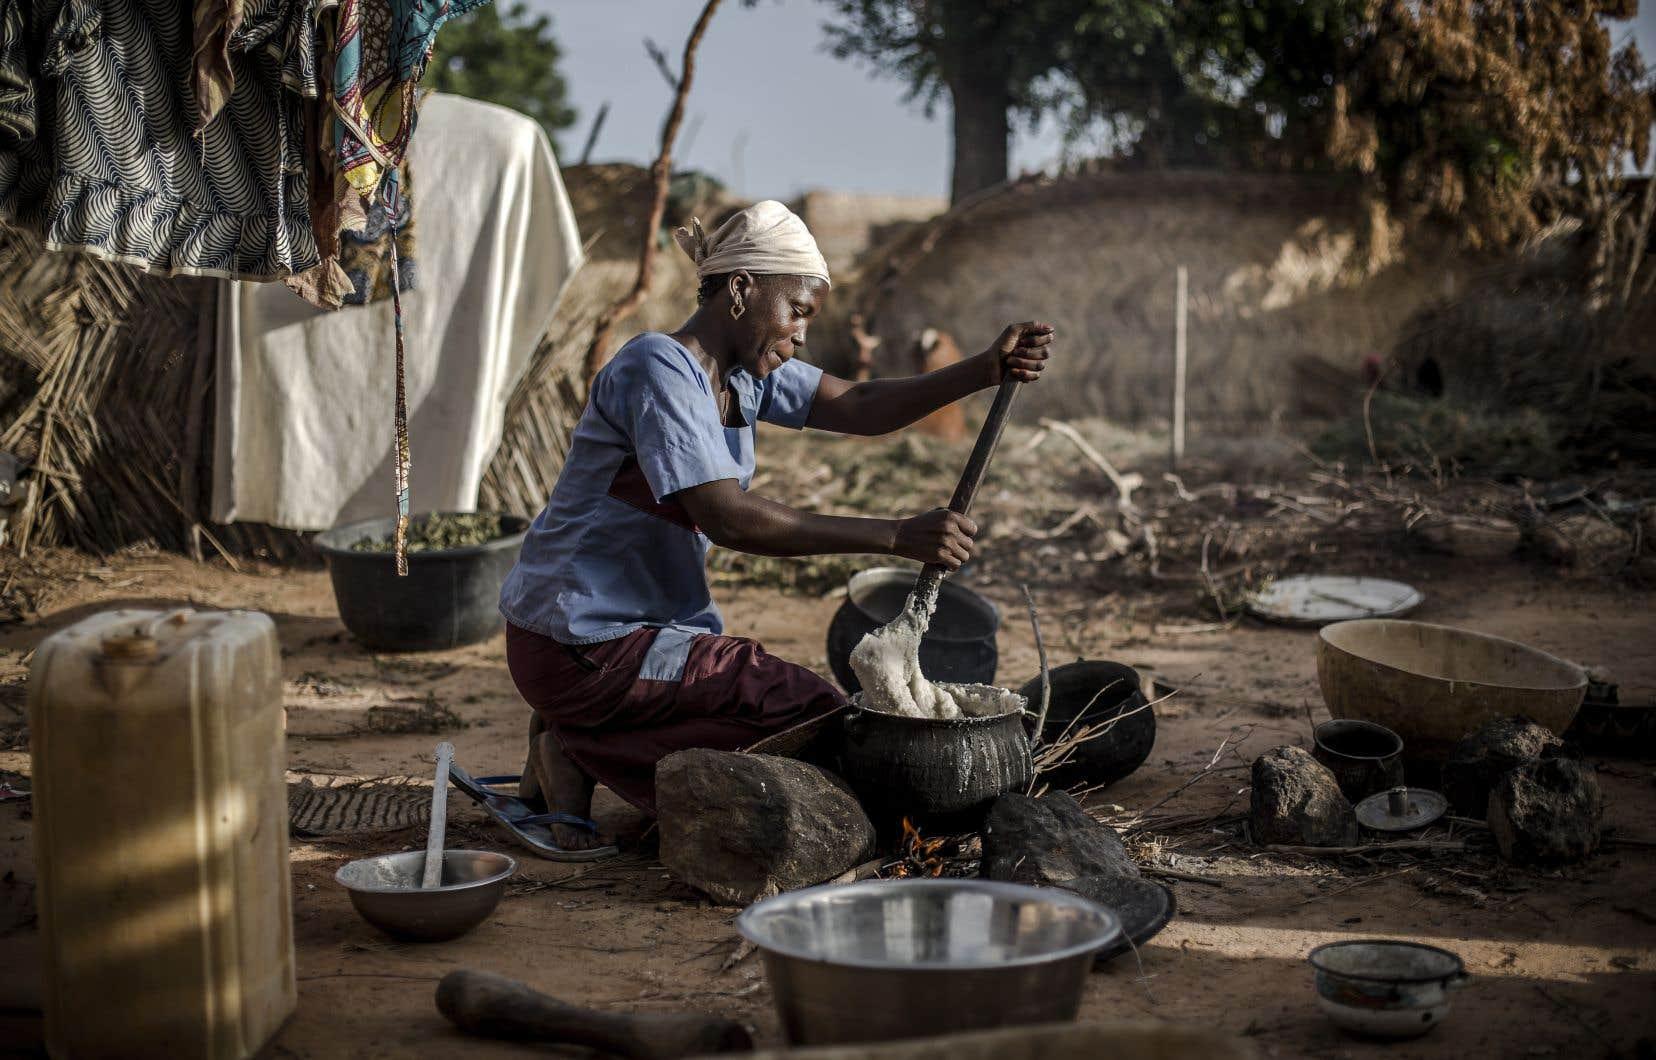 Selon Oxfam, le système économique «sexiste» dévalorise le travail de soin et les tâches domestiques surtout assumés par des femmes et des filles à travers le monde.